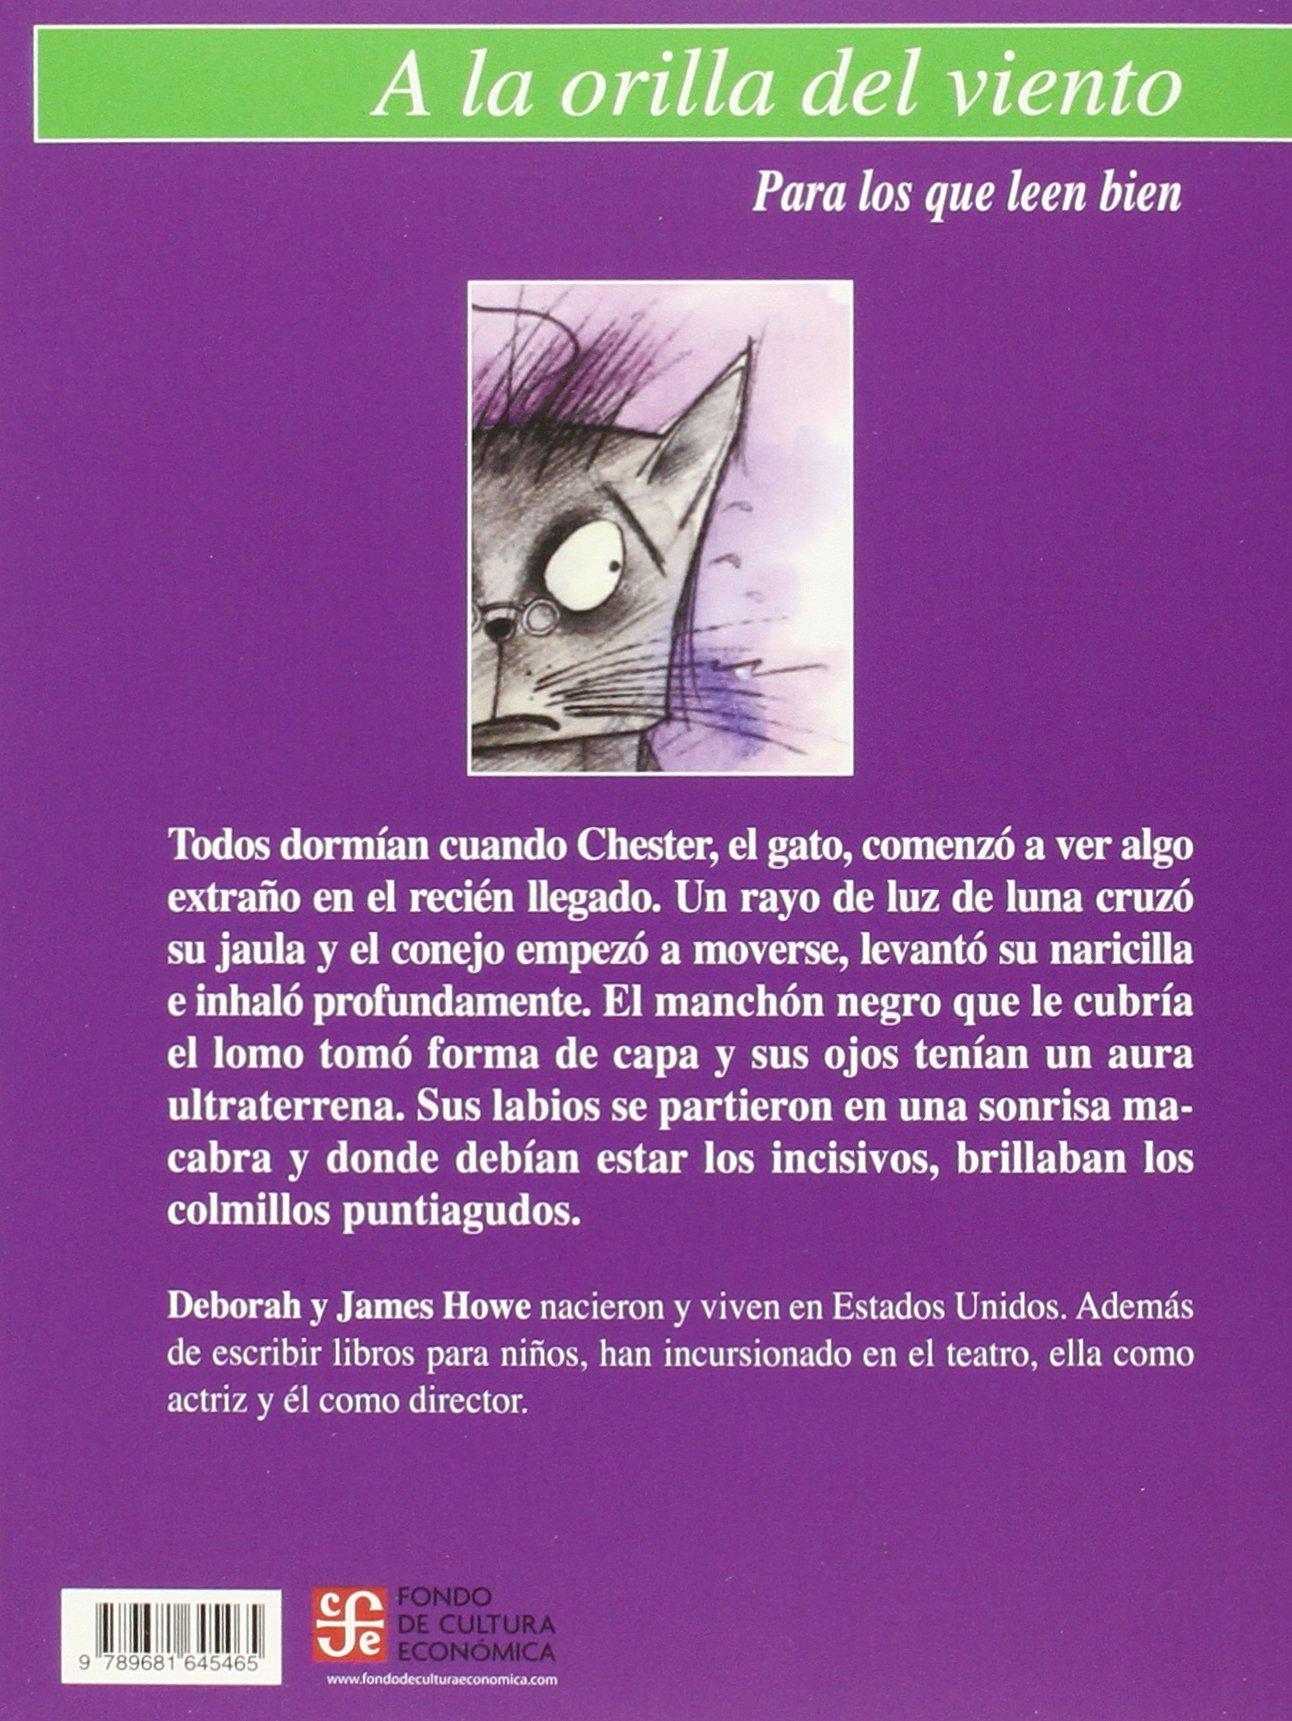 Amazon.com: Bonícula: una historia de misterio conejil (9789681645465): Howe Deborah y James Howe, Francisco Nava Bouchain: Books